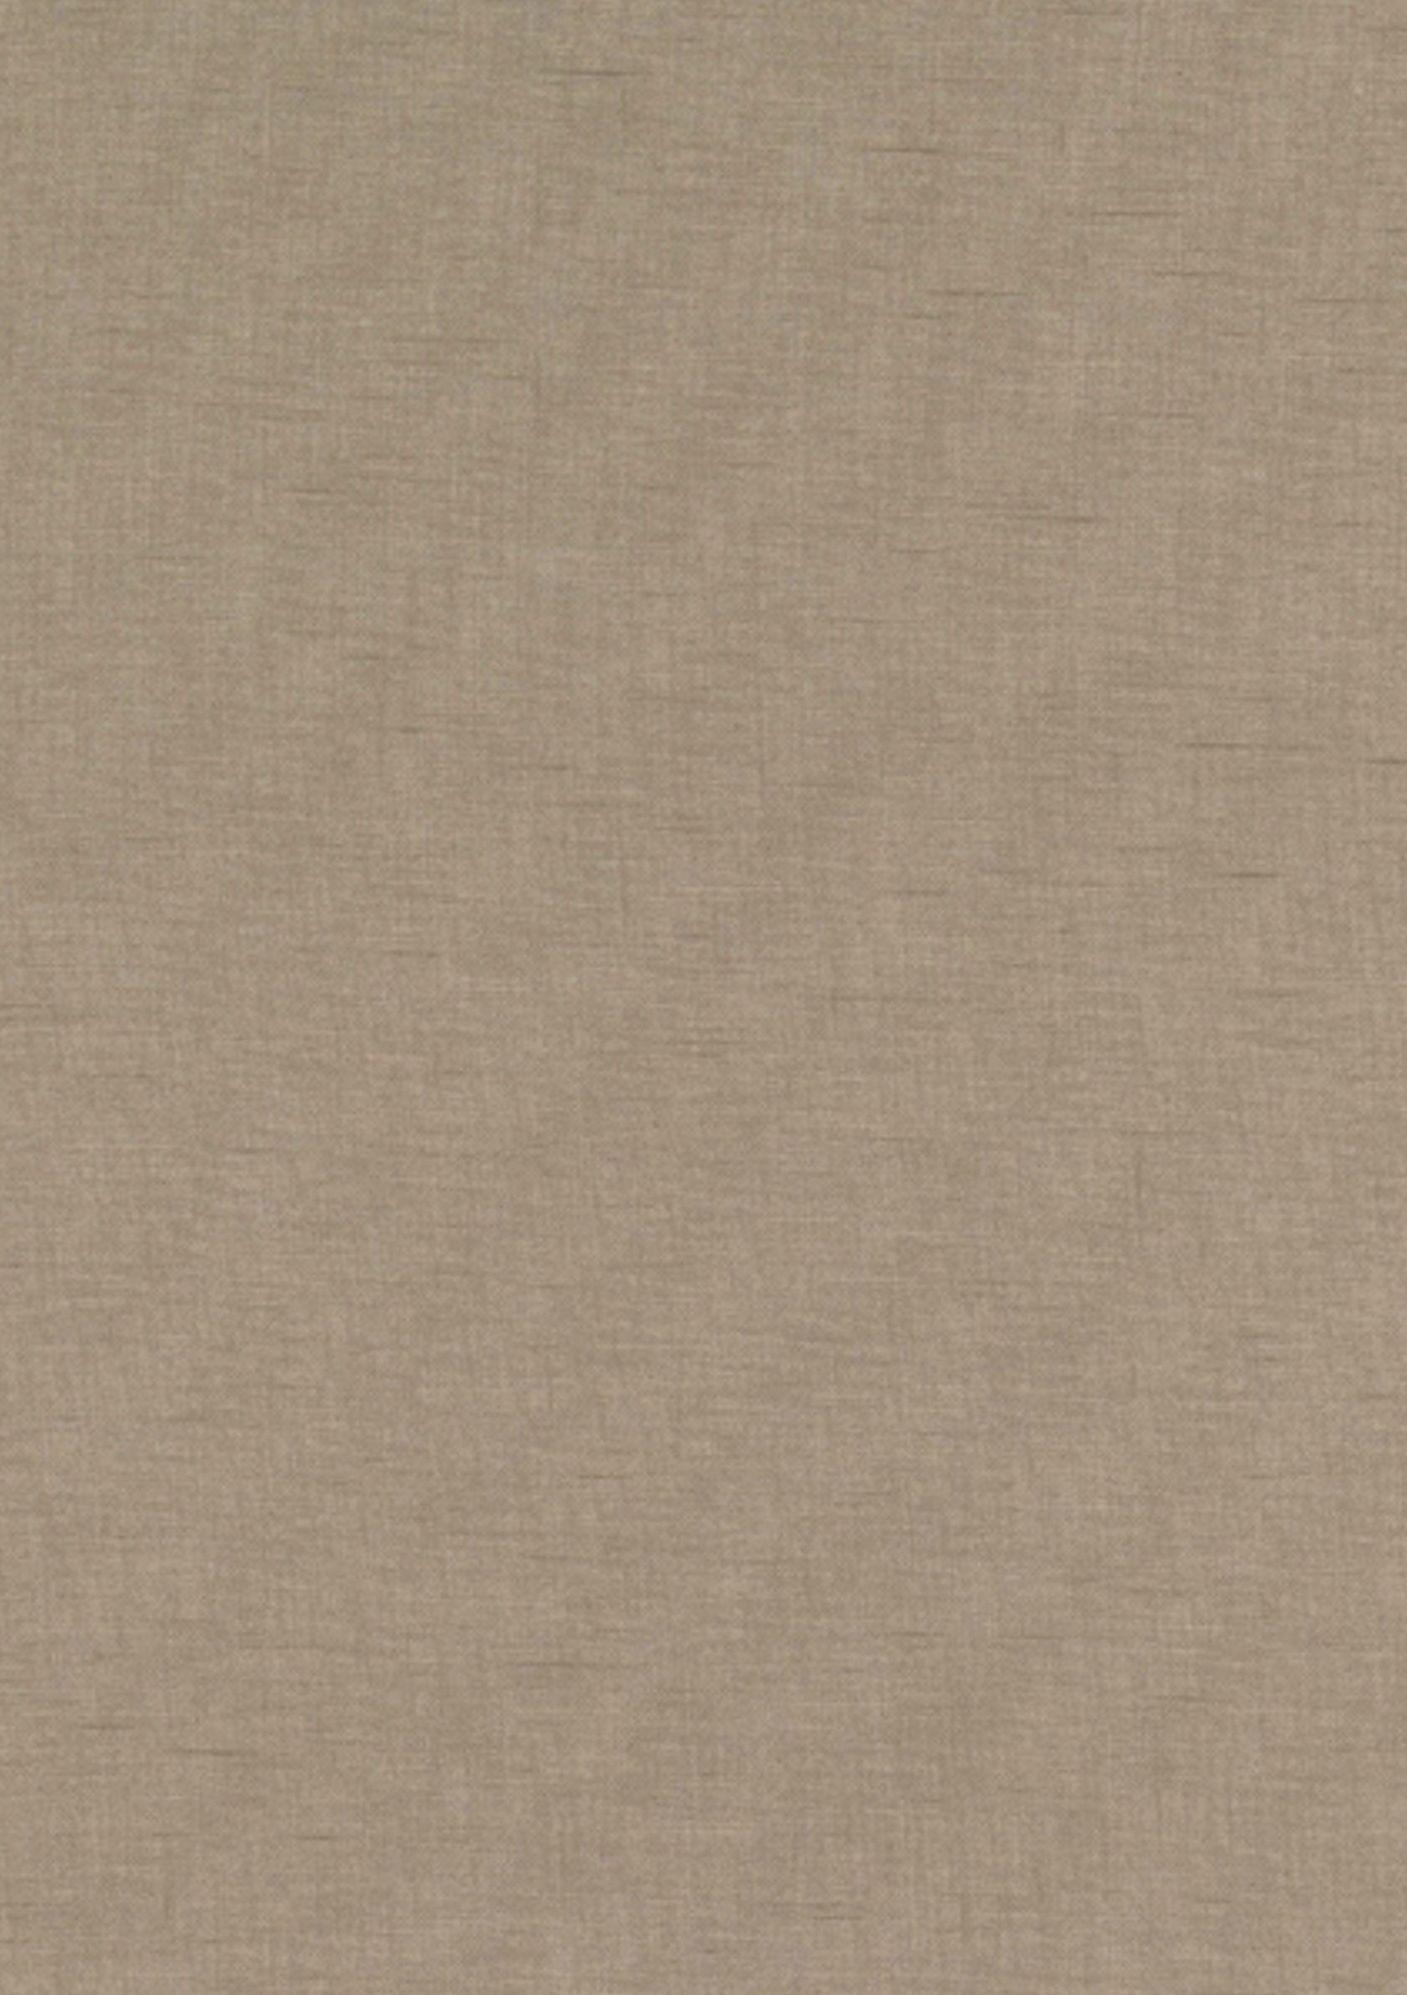 Superpan decor Lino Habana Textil: Productos y servicios   de Maderas Fernández Garrido, S.A.